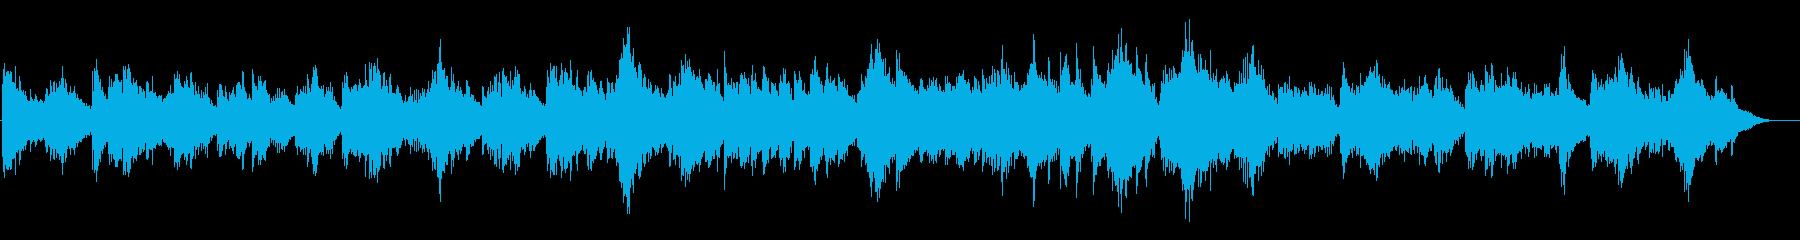 不思議な森の雰囲気のBGMの再生済みの波形